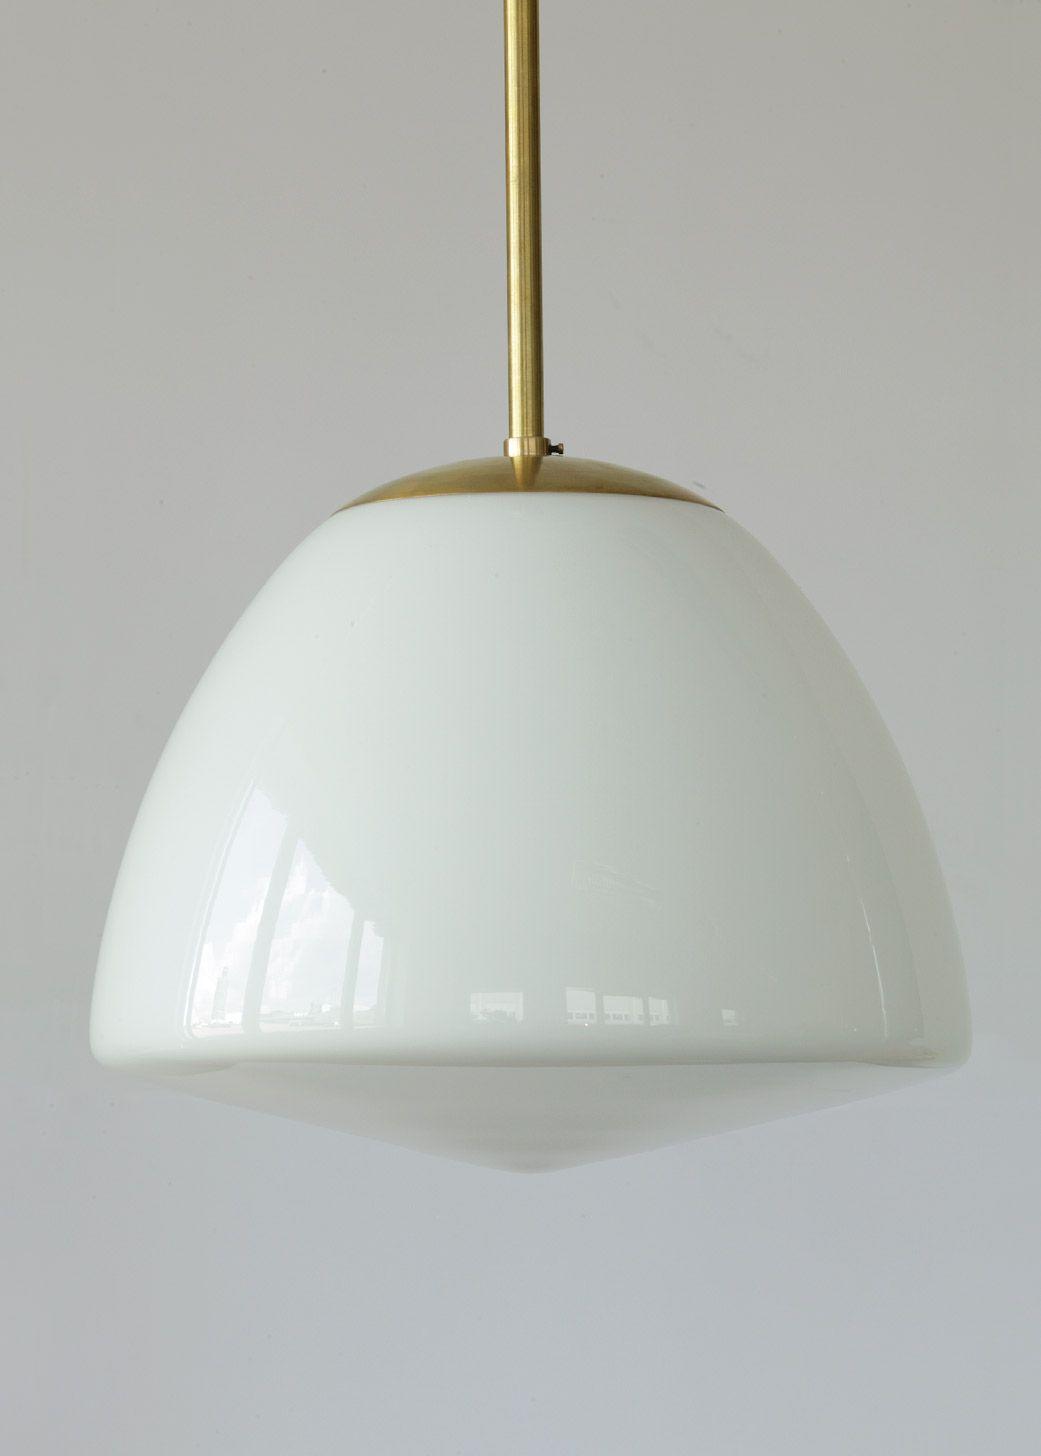 Premium E27 Deckenleuchte Wandleuchte Keramik Baldachin Gelenk Porzellan schwarz